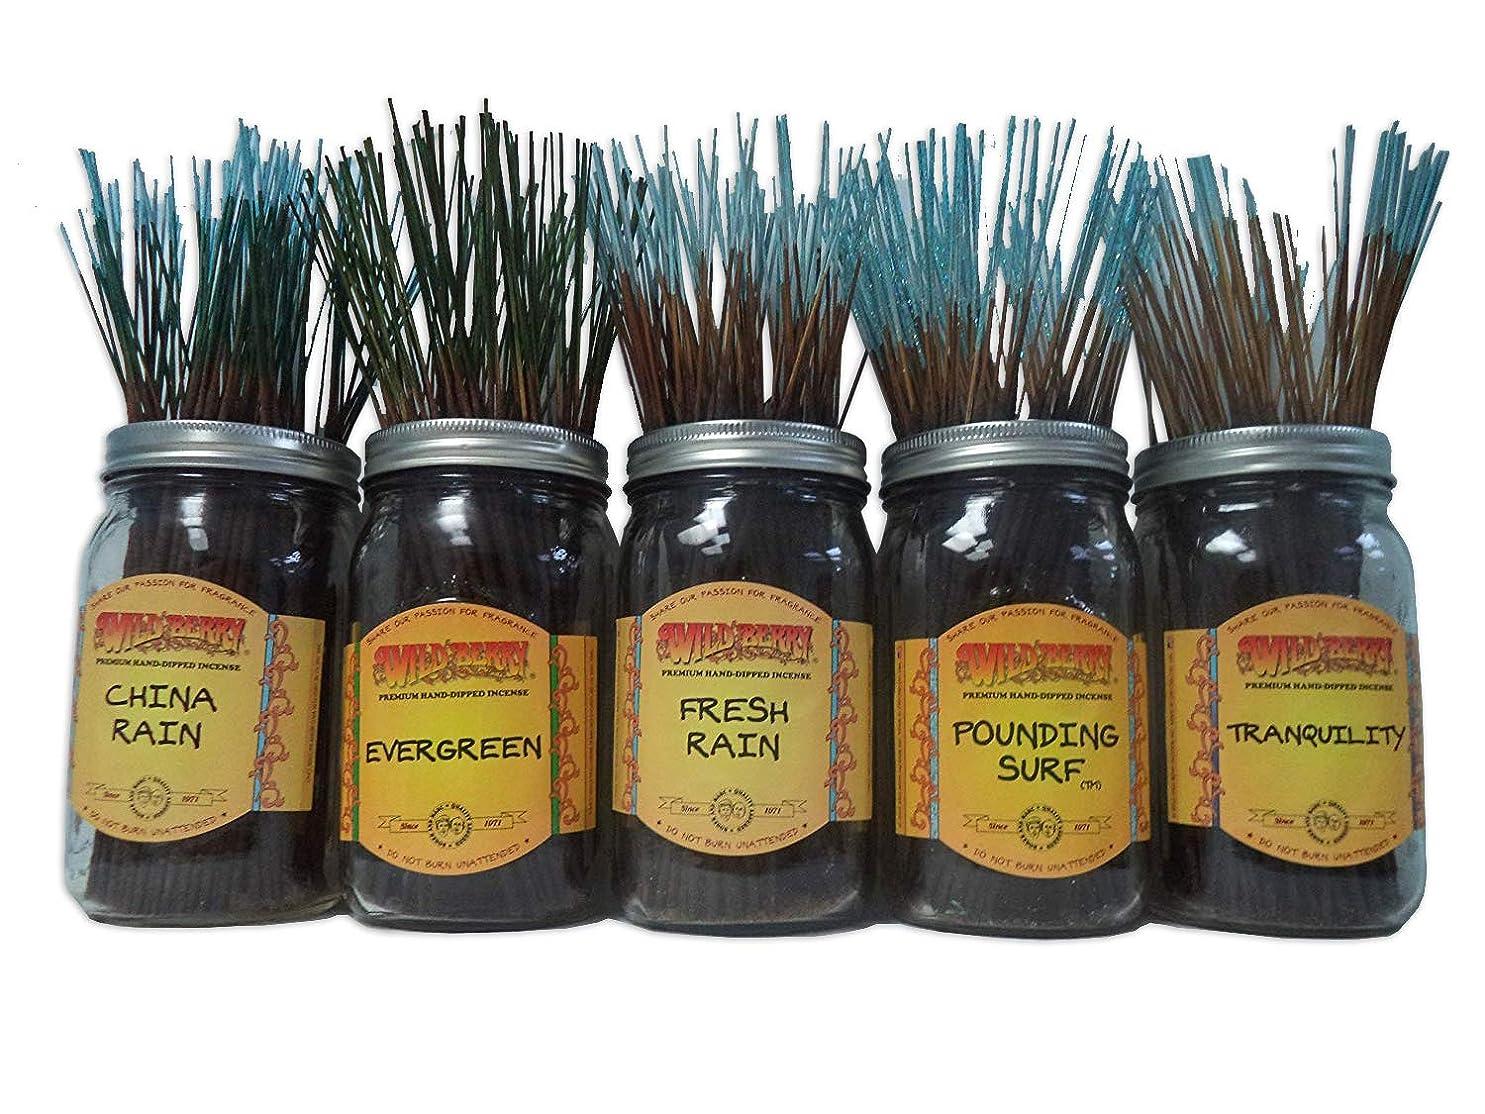 湿原レンジブラケットWildberry Incense Sticks Fresh & Clean Scentsセット# 1?: 20?Sticks各5の香り、合計100?Sticks 。